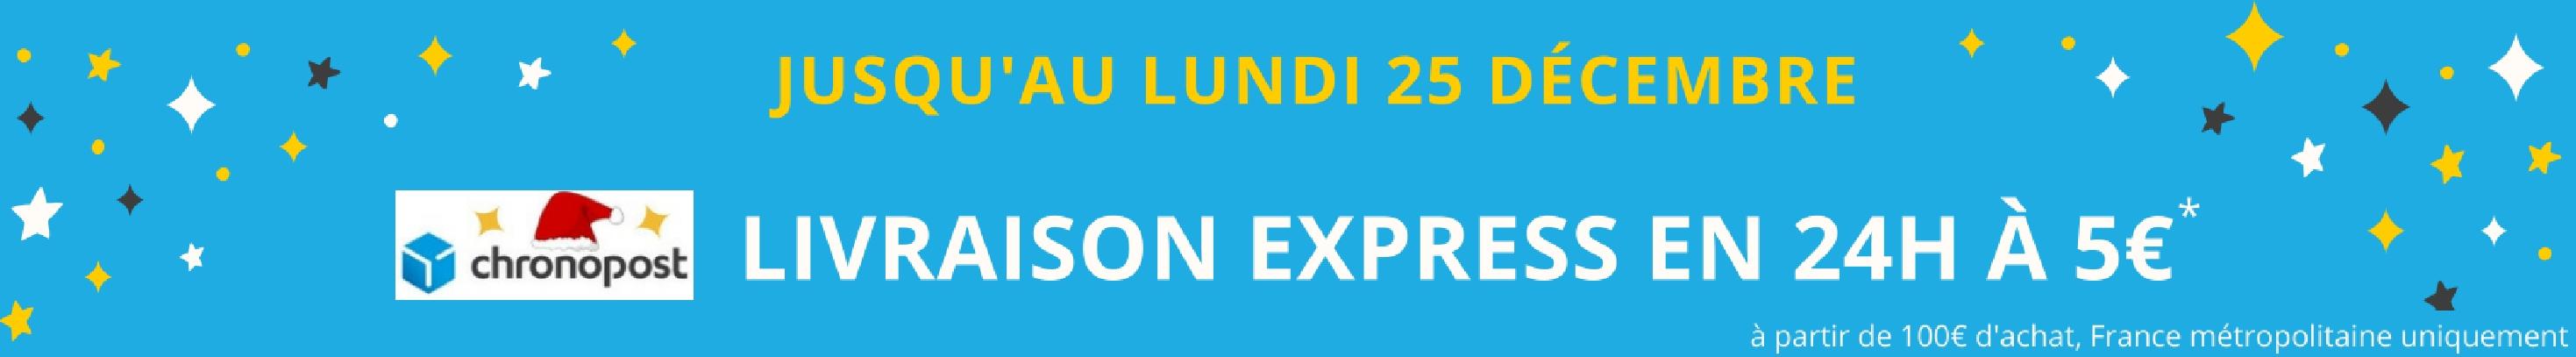 Livraison express Chronopost à 5€ pour recevoir vos cadeaux avant Noël